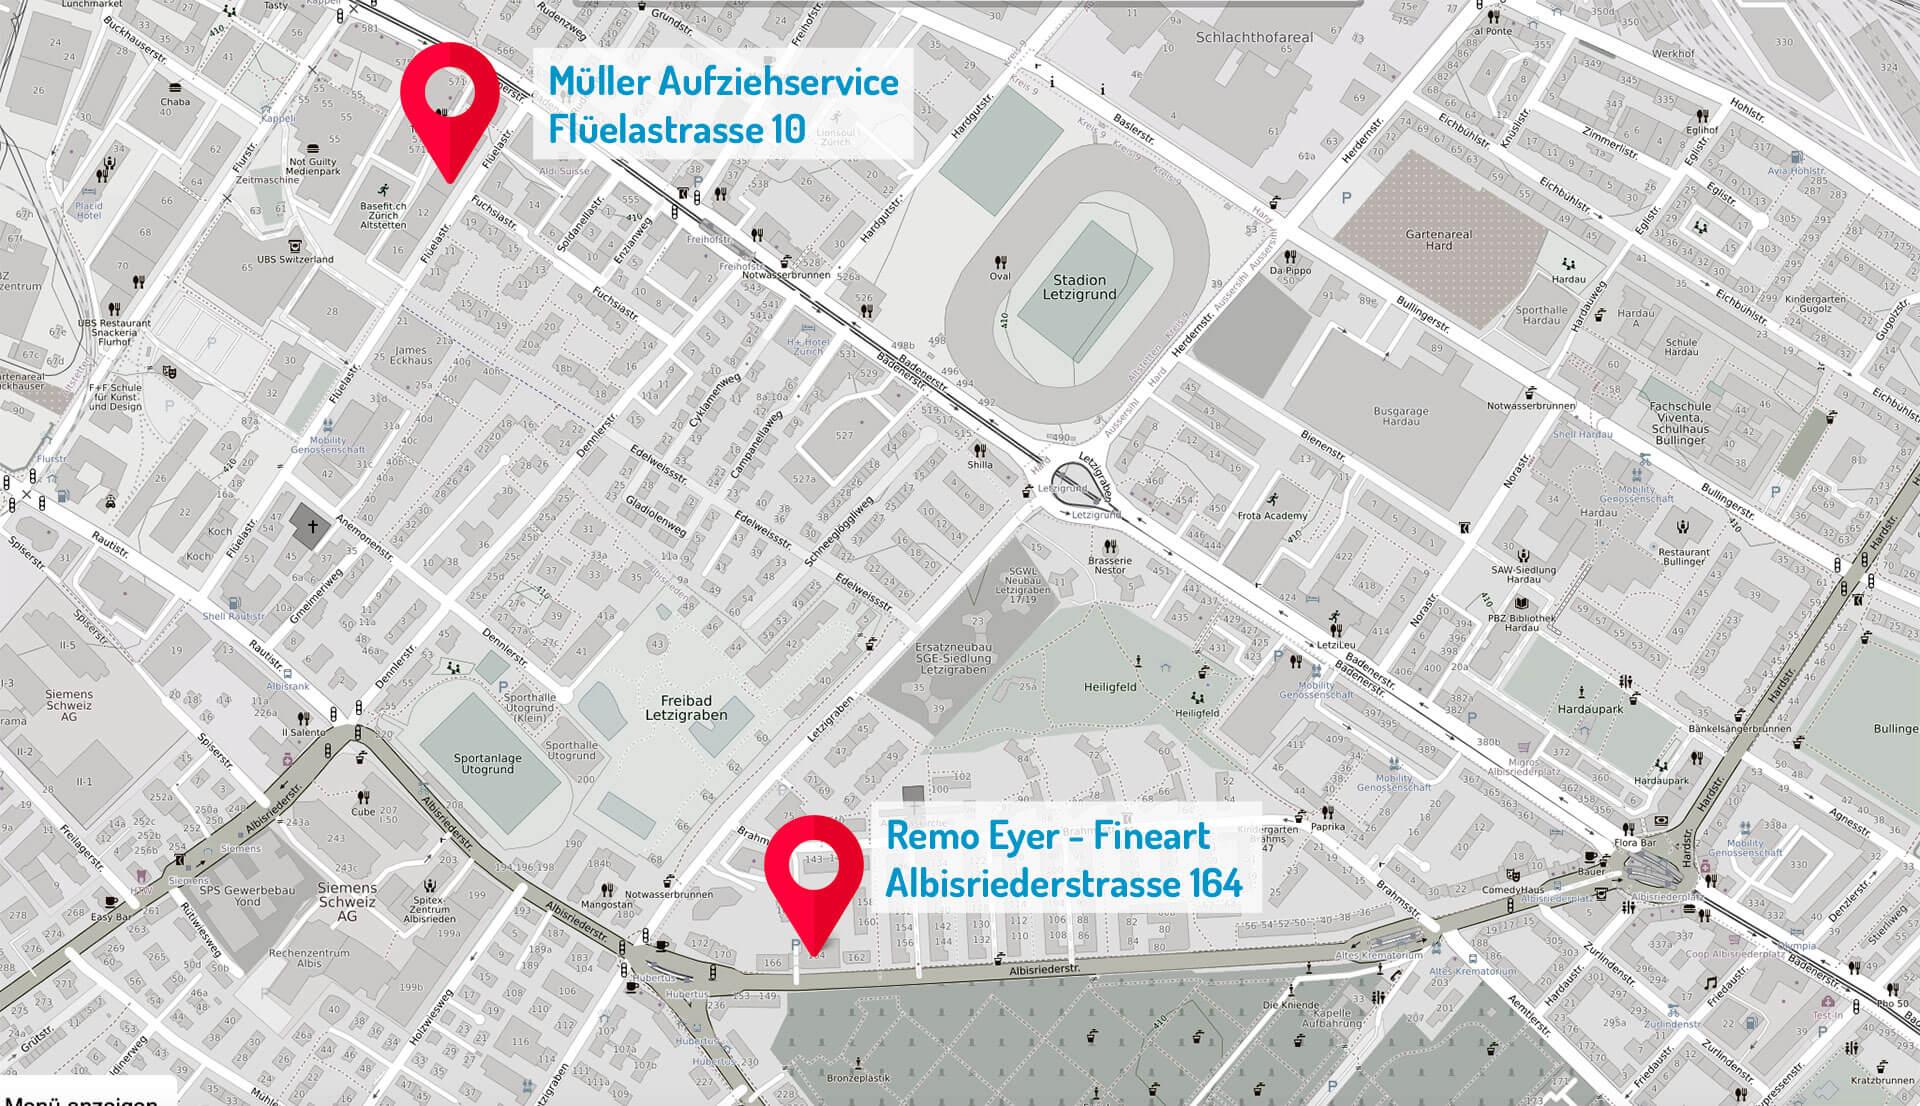 Müller's Aufziehservice Zürich (Karte)